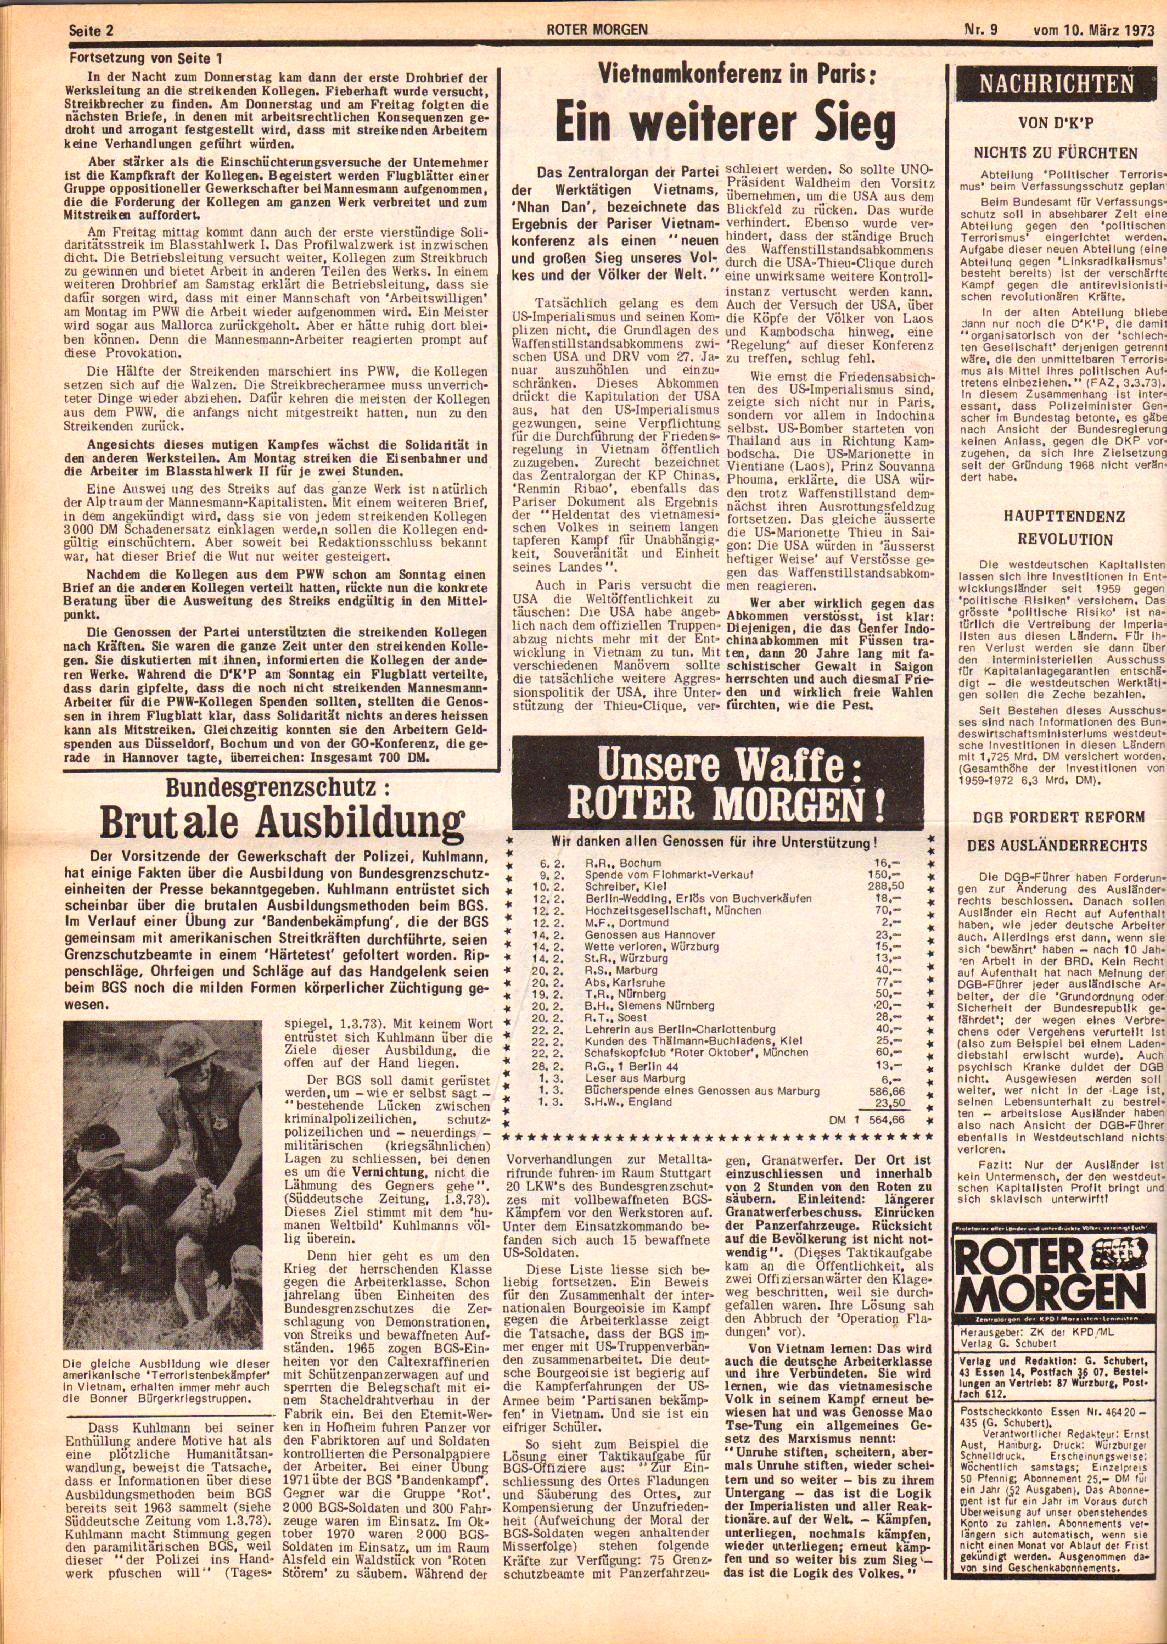 Roter Morgen, 7. Jg., 10. März 1973, Nr. 9, Seite 2